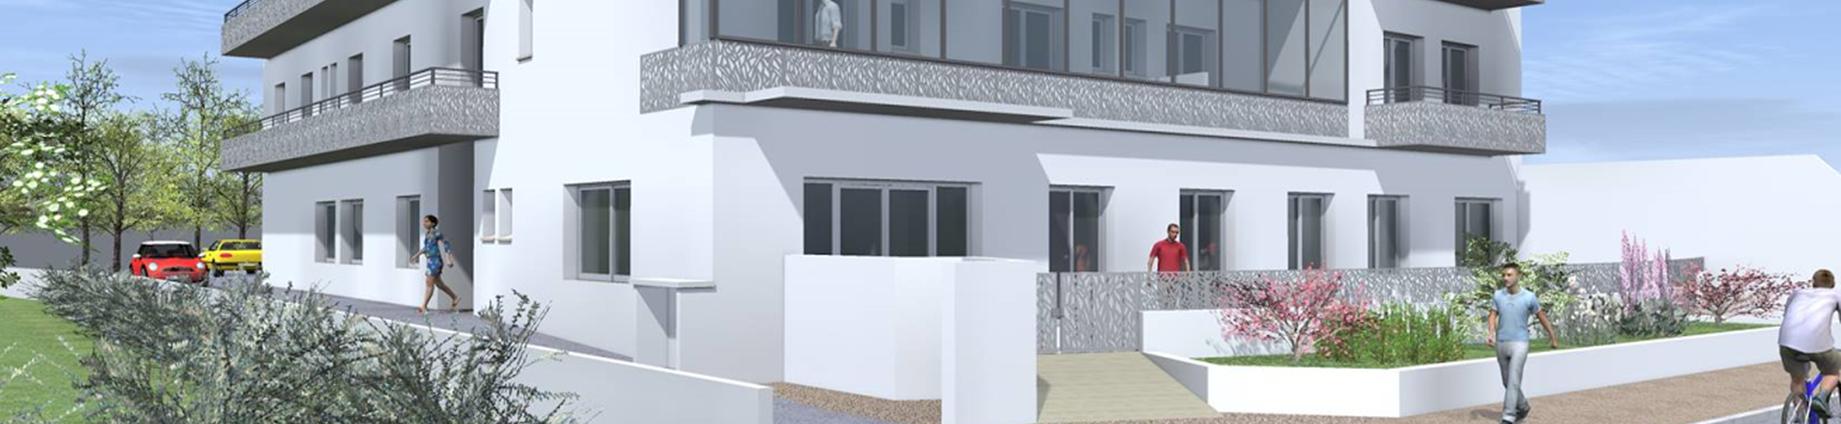 capbreton douceur oc ane 40 les pierres de l atlantique bayonne. Black Bedroom Furniture Sets. Home Design Ideas